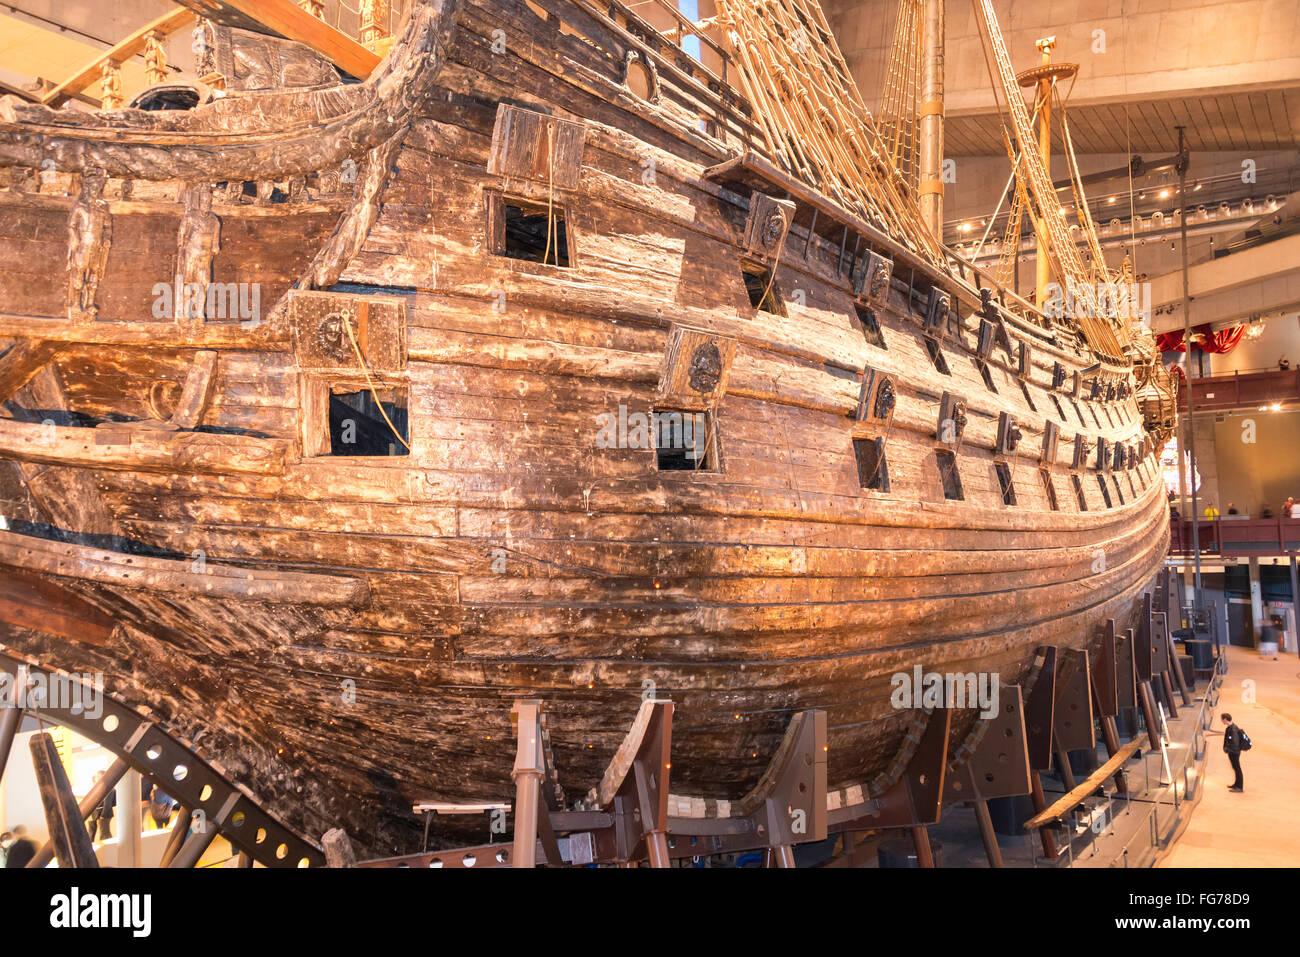 17th-century 'Vasa' warship, Vasa Museum, Galärvarvsvägen, Djurgården, Stockholm, Kingdom - Stock Image